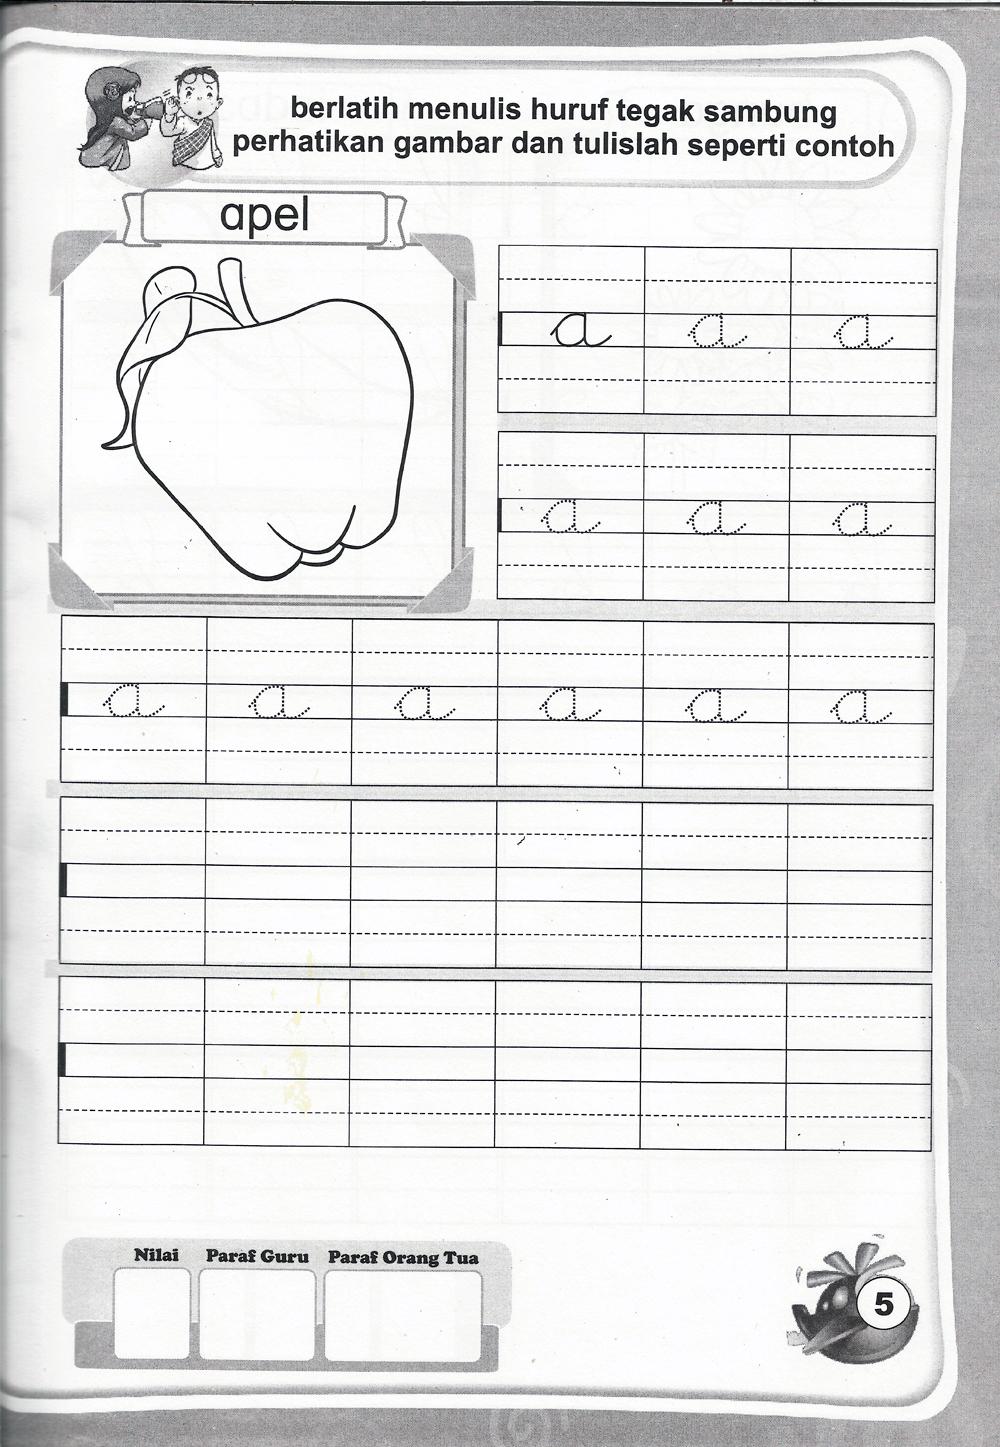 Worksheets Worksheet-menulis-tegak-bersambung belajar menulis tegak bersambung dan berikut merupakan salah satu potret isi buku edit label pelengkap bersambung